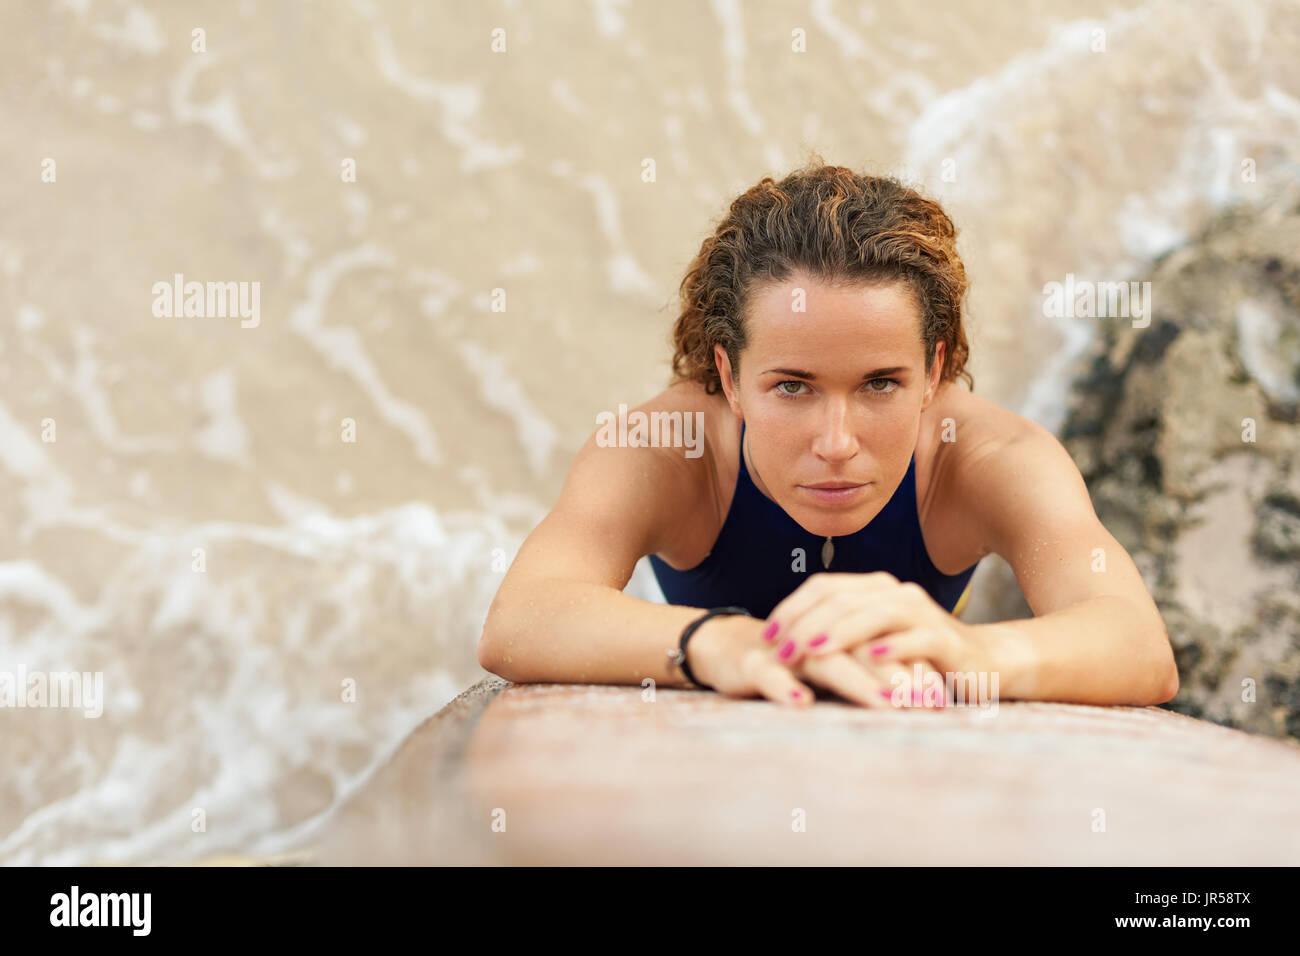 Bella surfer girl in bikini azienda tavola da surf stand e guardare la fotocamera. Vista dall'alto. Le donne in acqua sport avventura Camp Spiaggia attività estreme. Immagini Stock